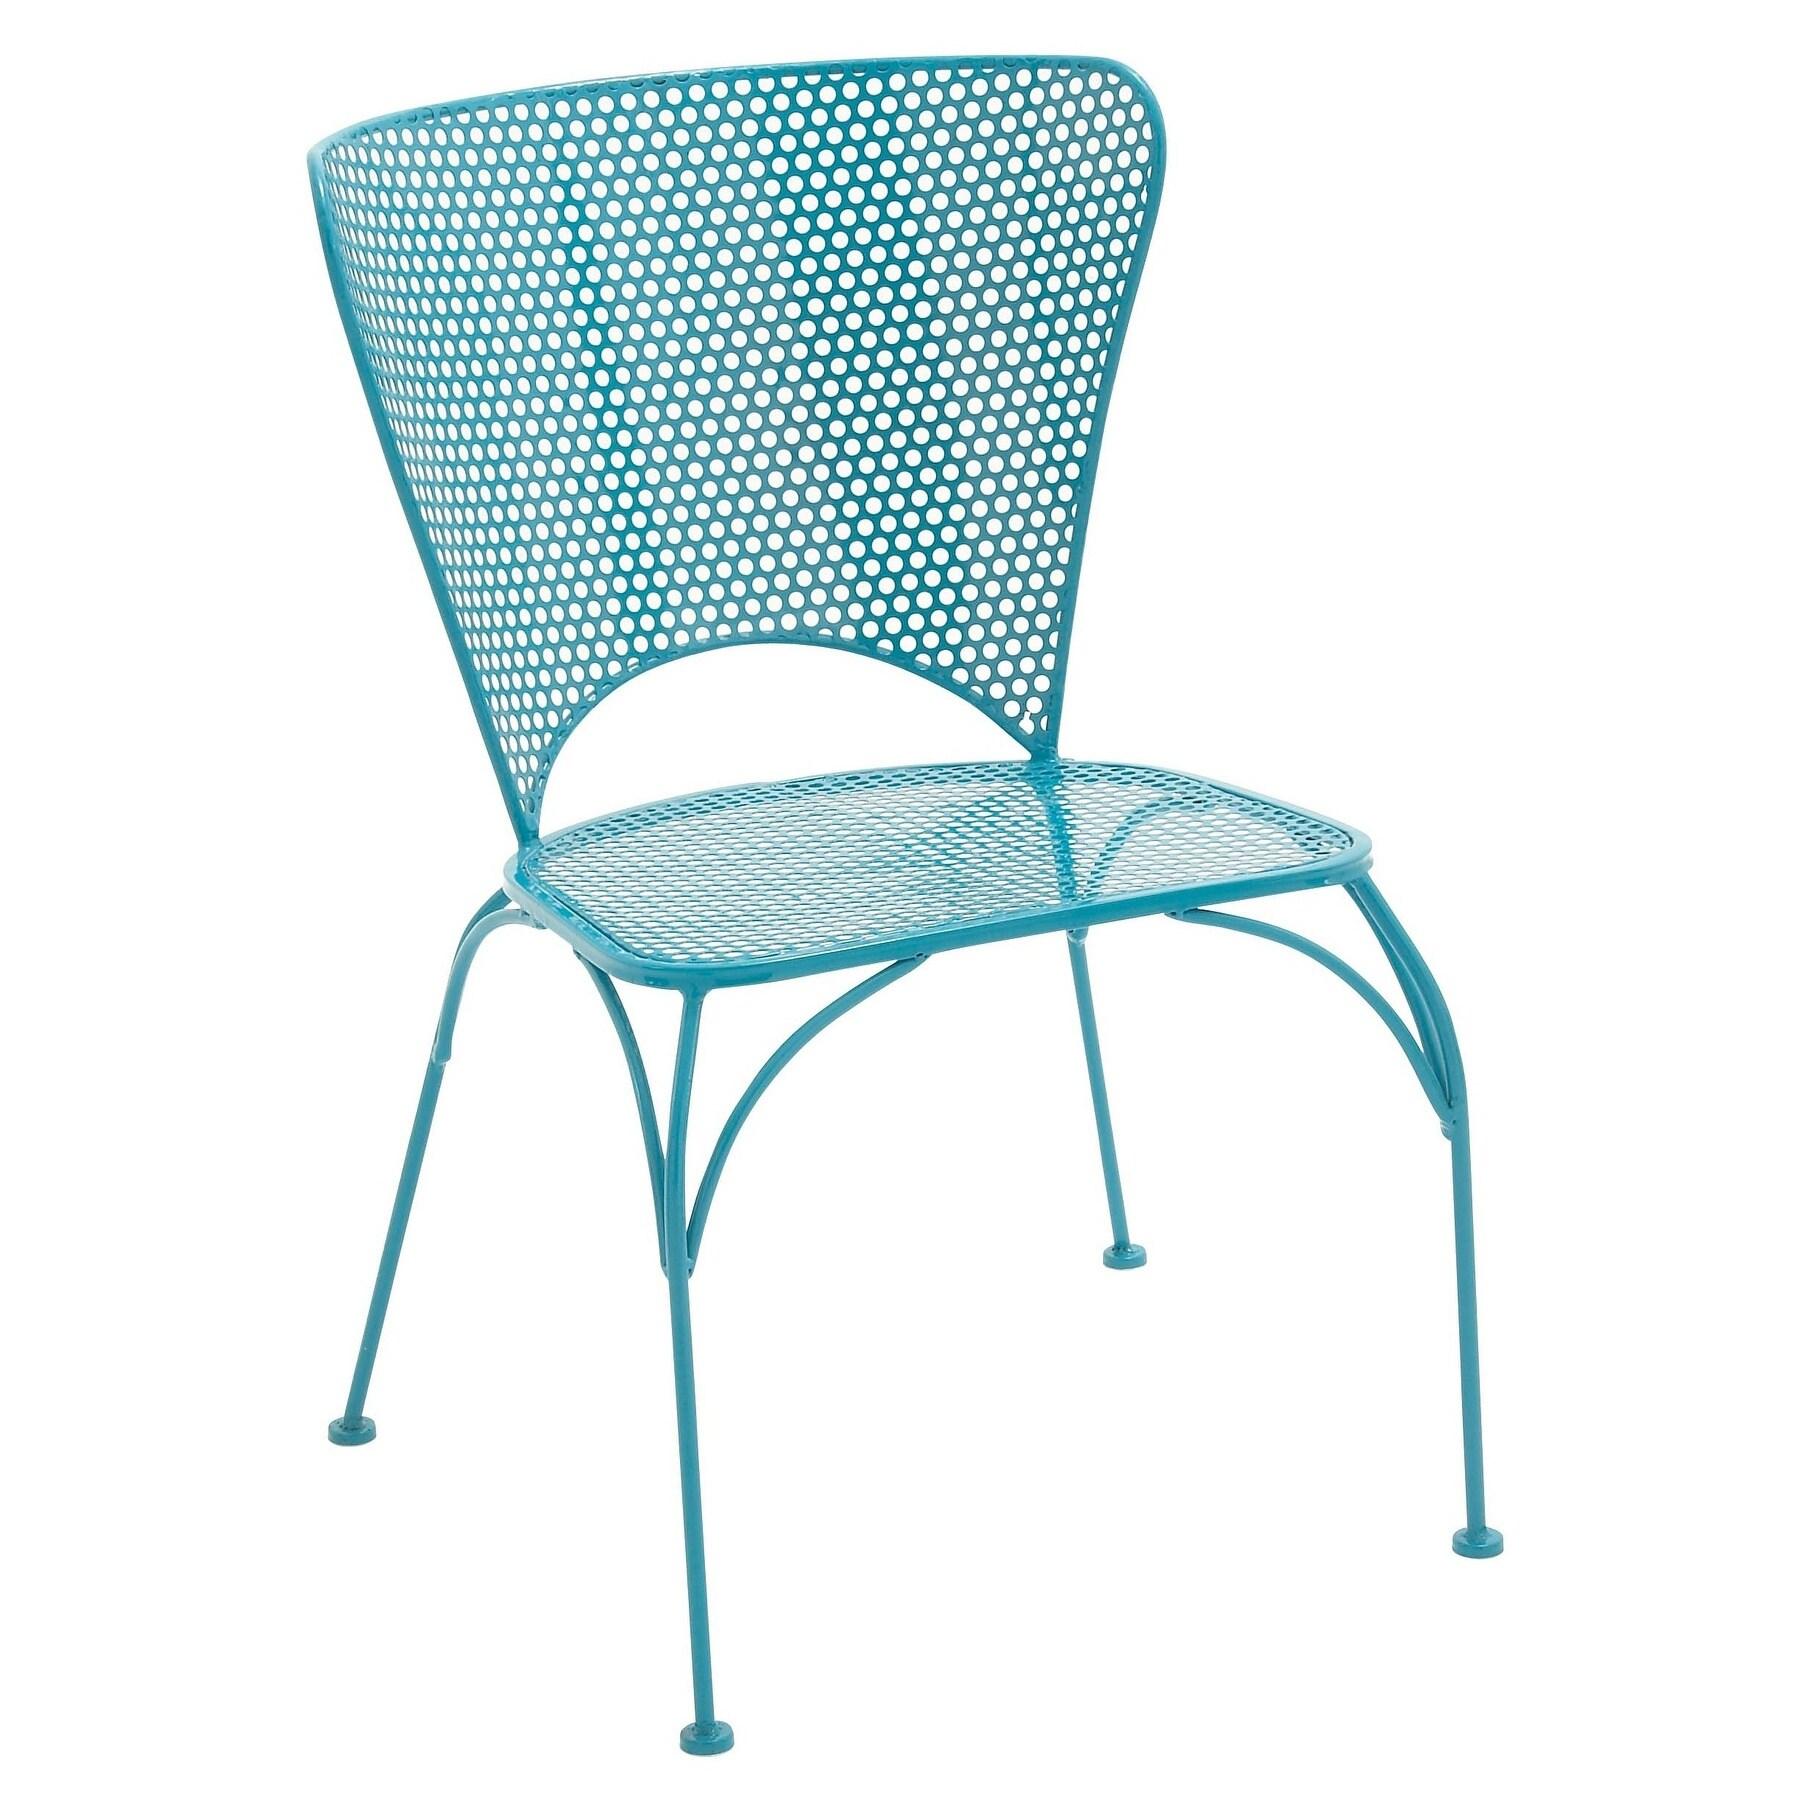 Studio 350 Metal Chair - Blue (28982-Metal Chair), Black,...